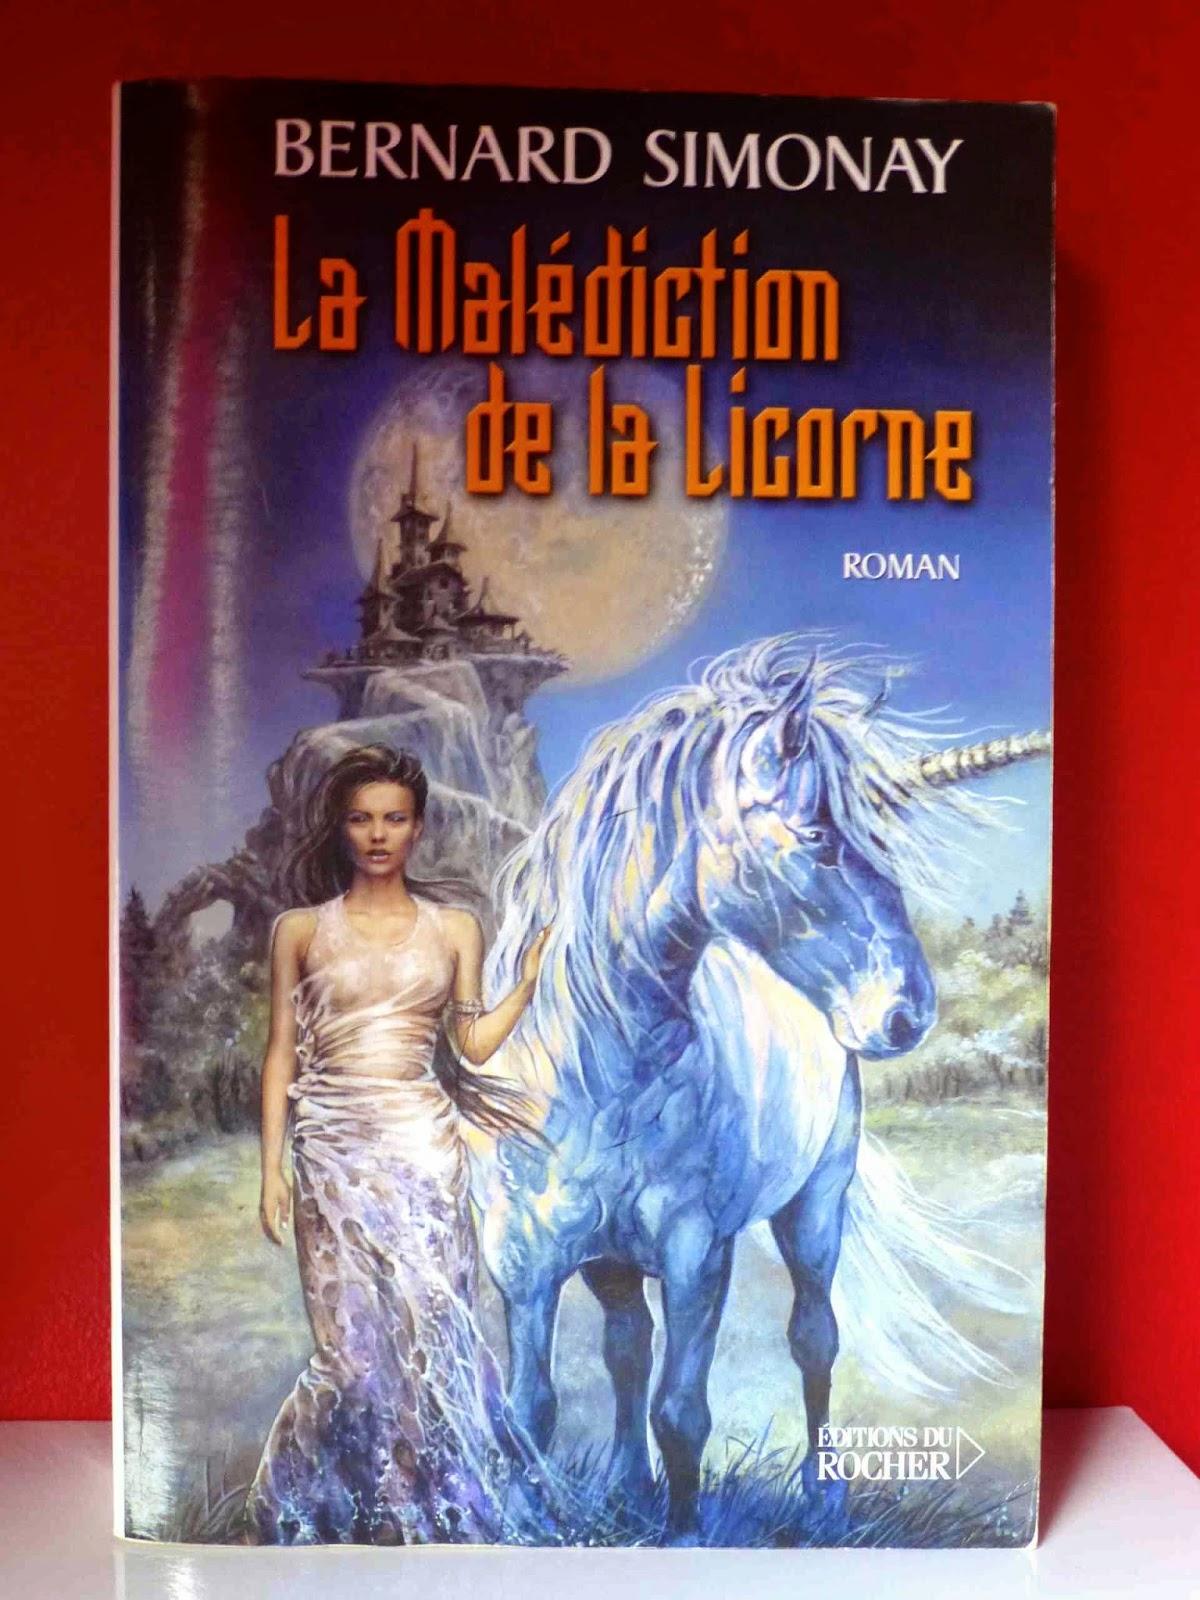 Roman fantastique - fantasy